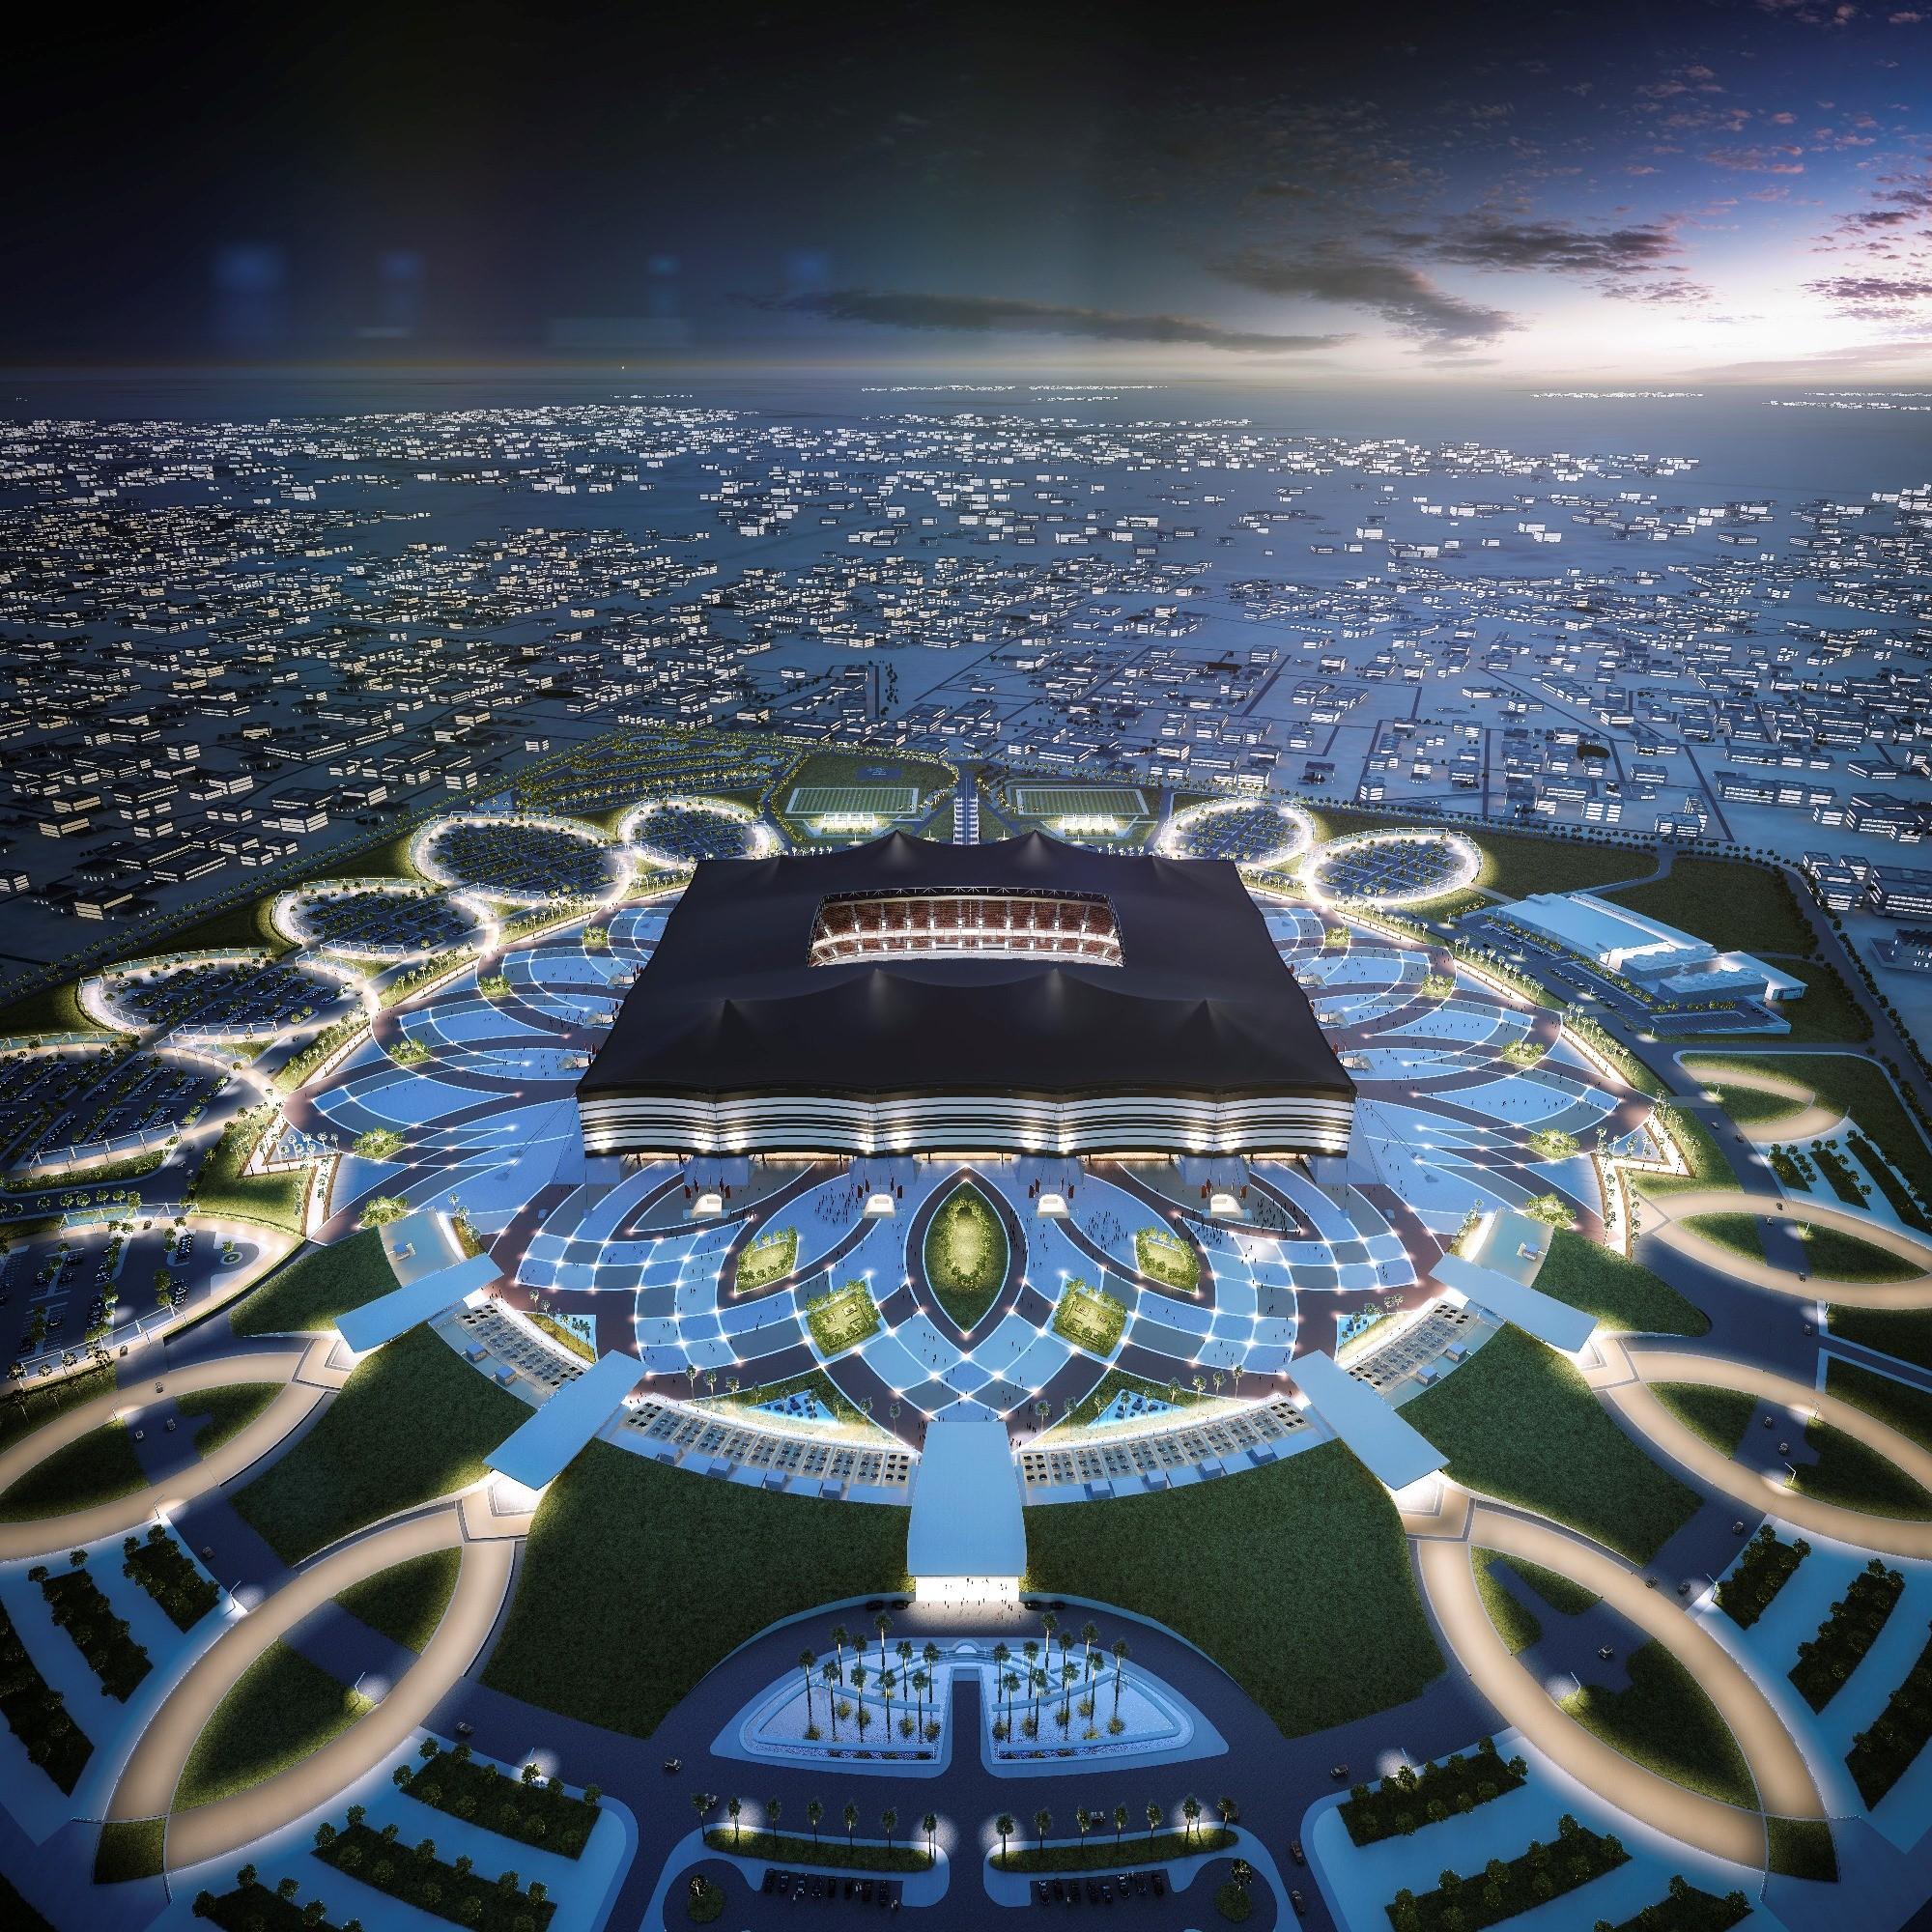 Cortesía del Comité Supremo para el Desarrollo y Herencia para Qatar 2022